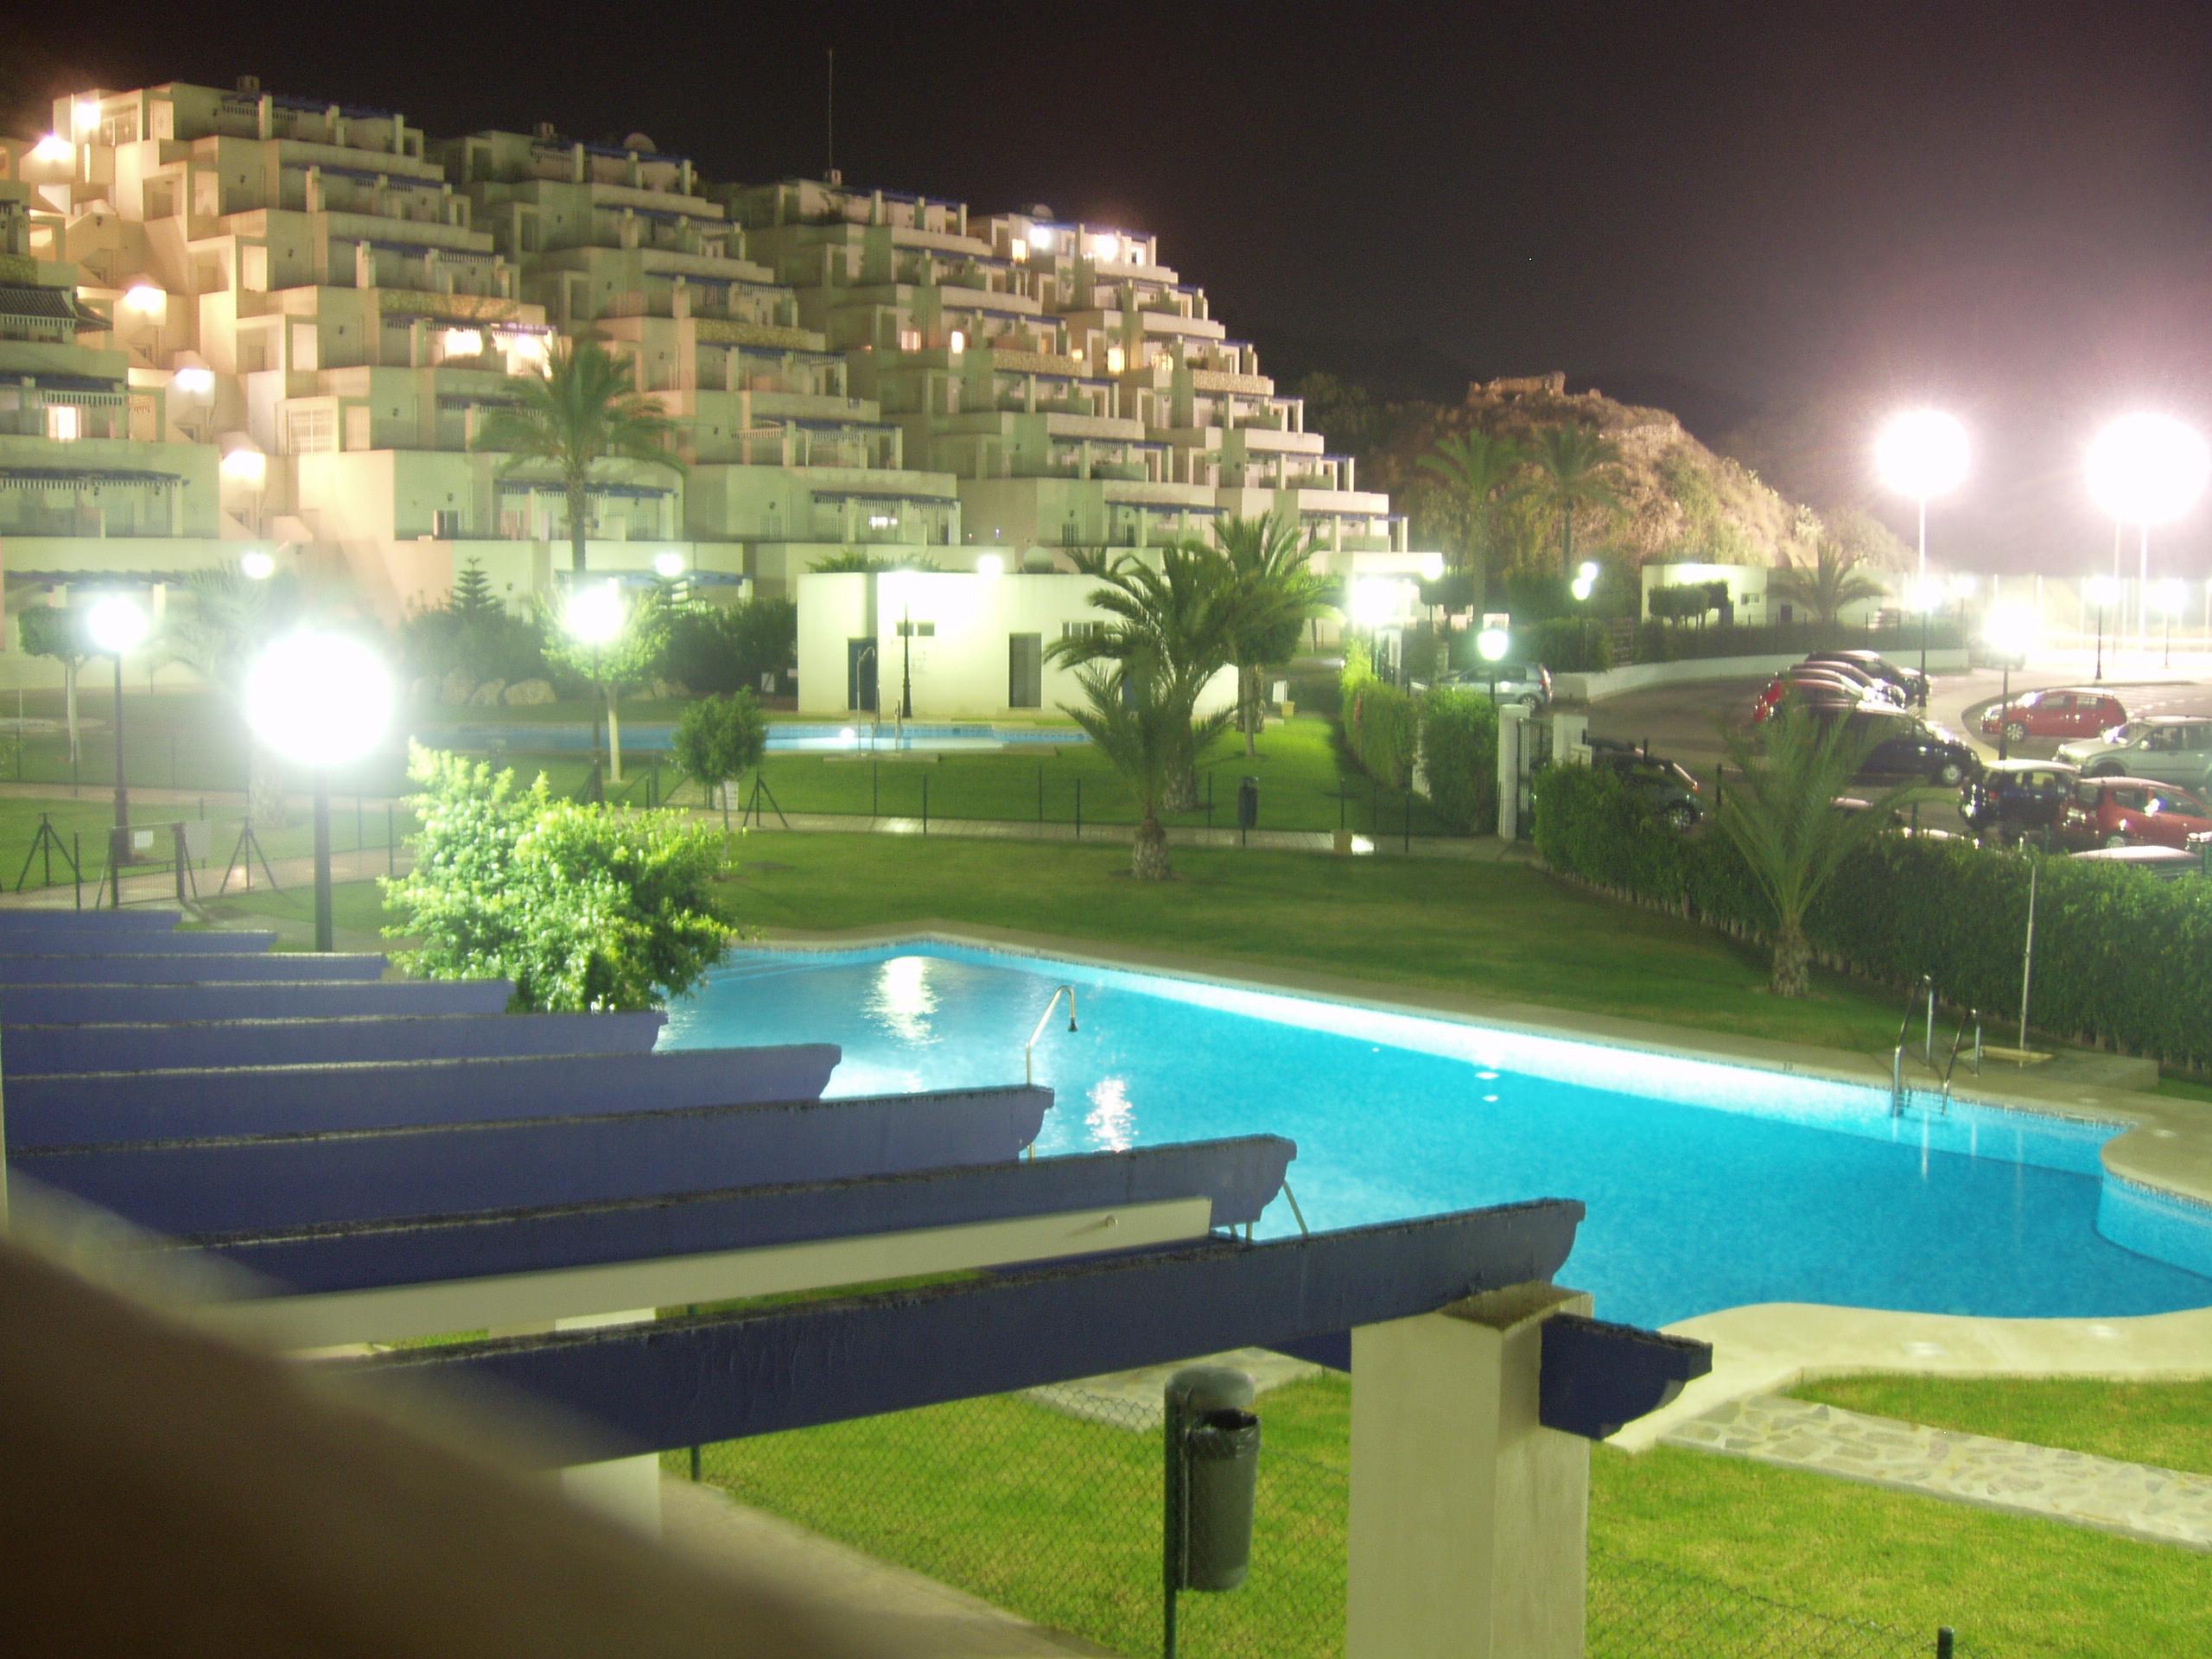 Ferienwohnung 3 Schlafzimmer Wohnung zu vermieten in Mojcar, Spanien (2388895), Mojacar, Costa de Almeria, Andalusien, Spanien, Bild 2